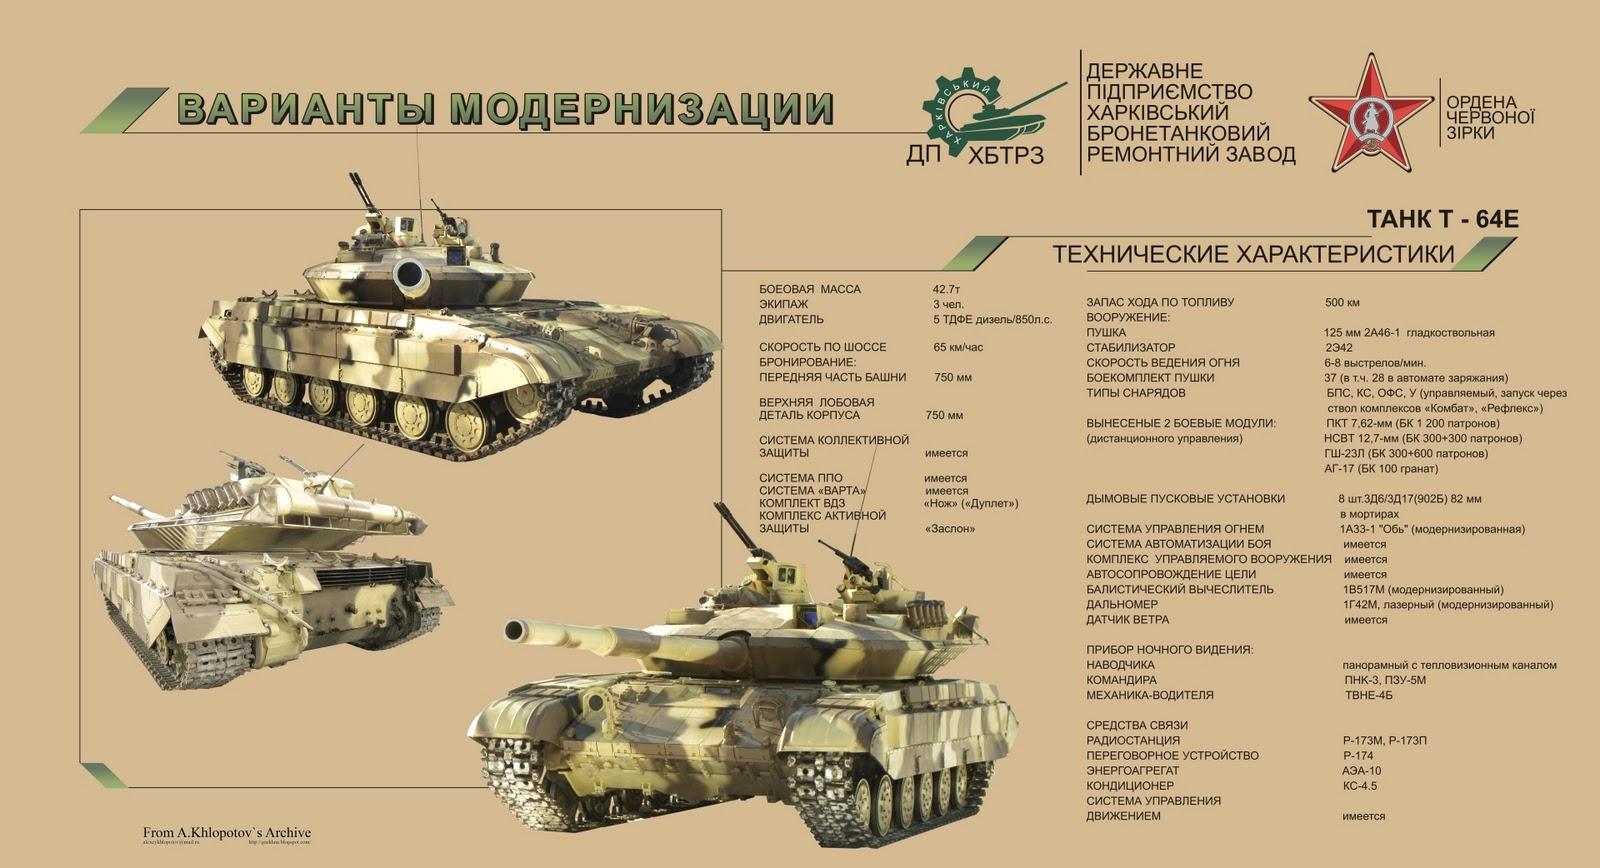 Харьковский бронетанковый завод передал Минобороны первую партию танков Т-64 - Цензор.НЕТ 7274